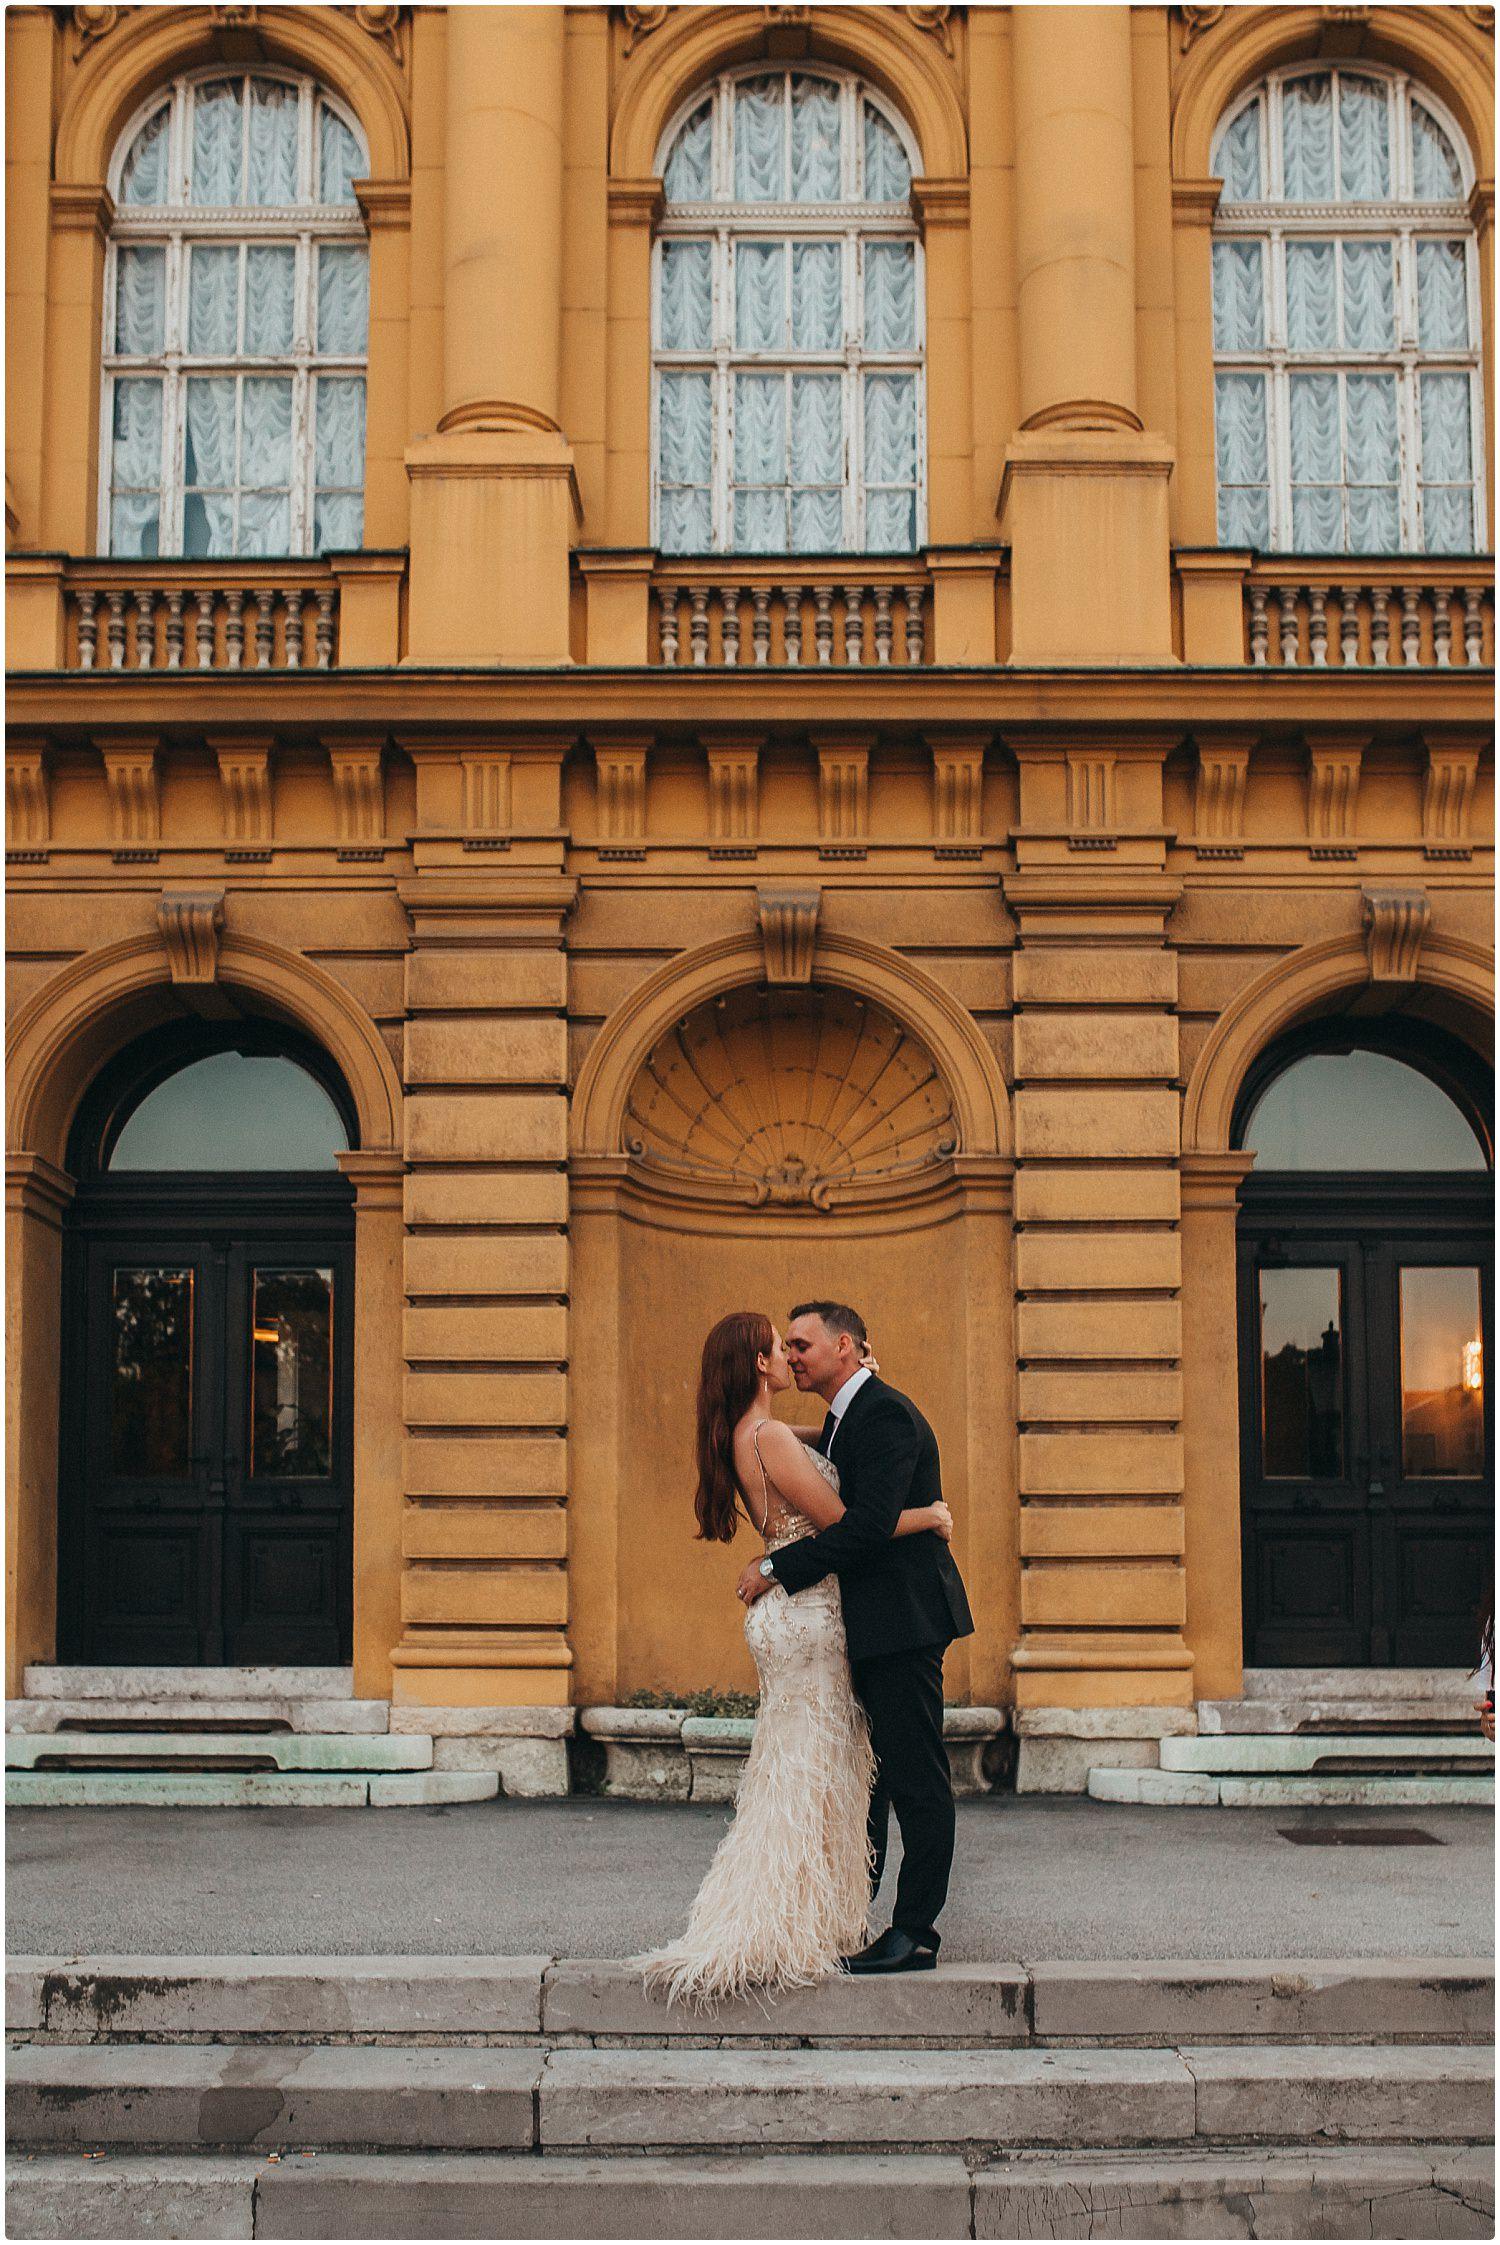 vjenčanje zagreb foto korana